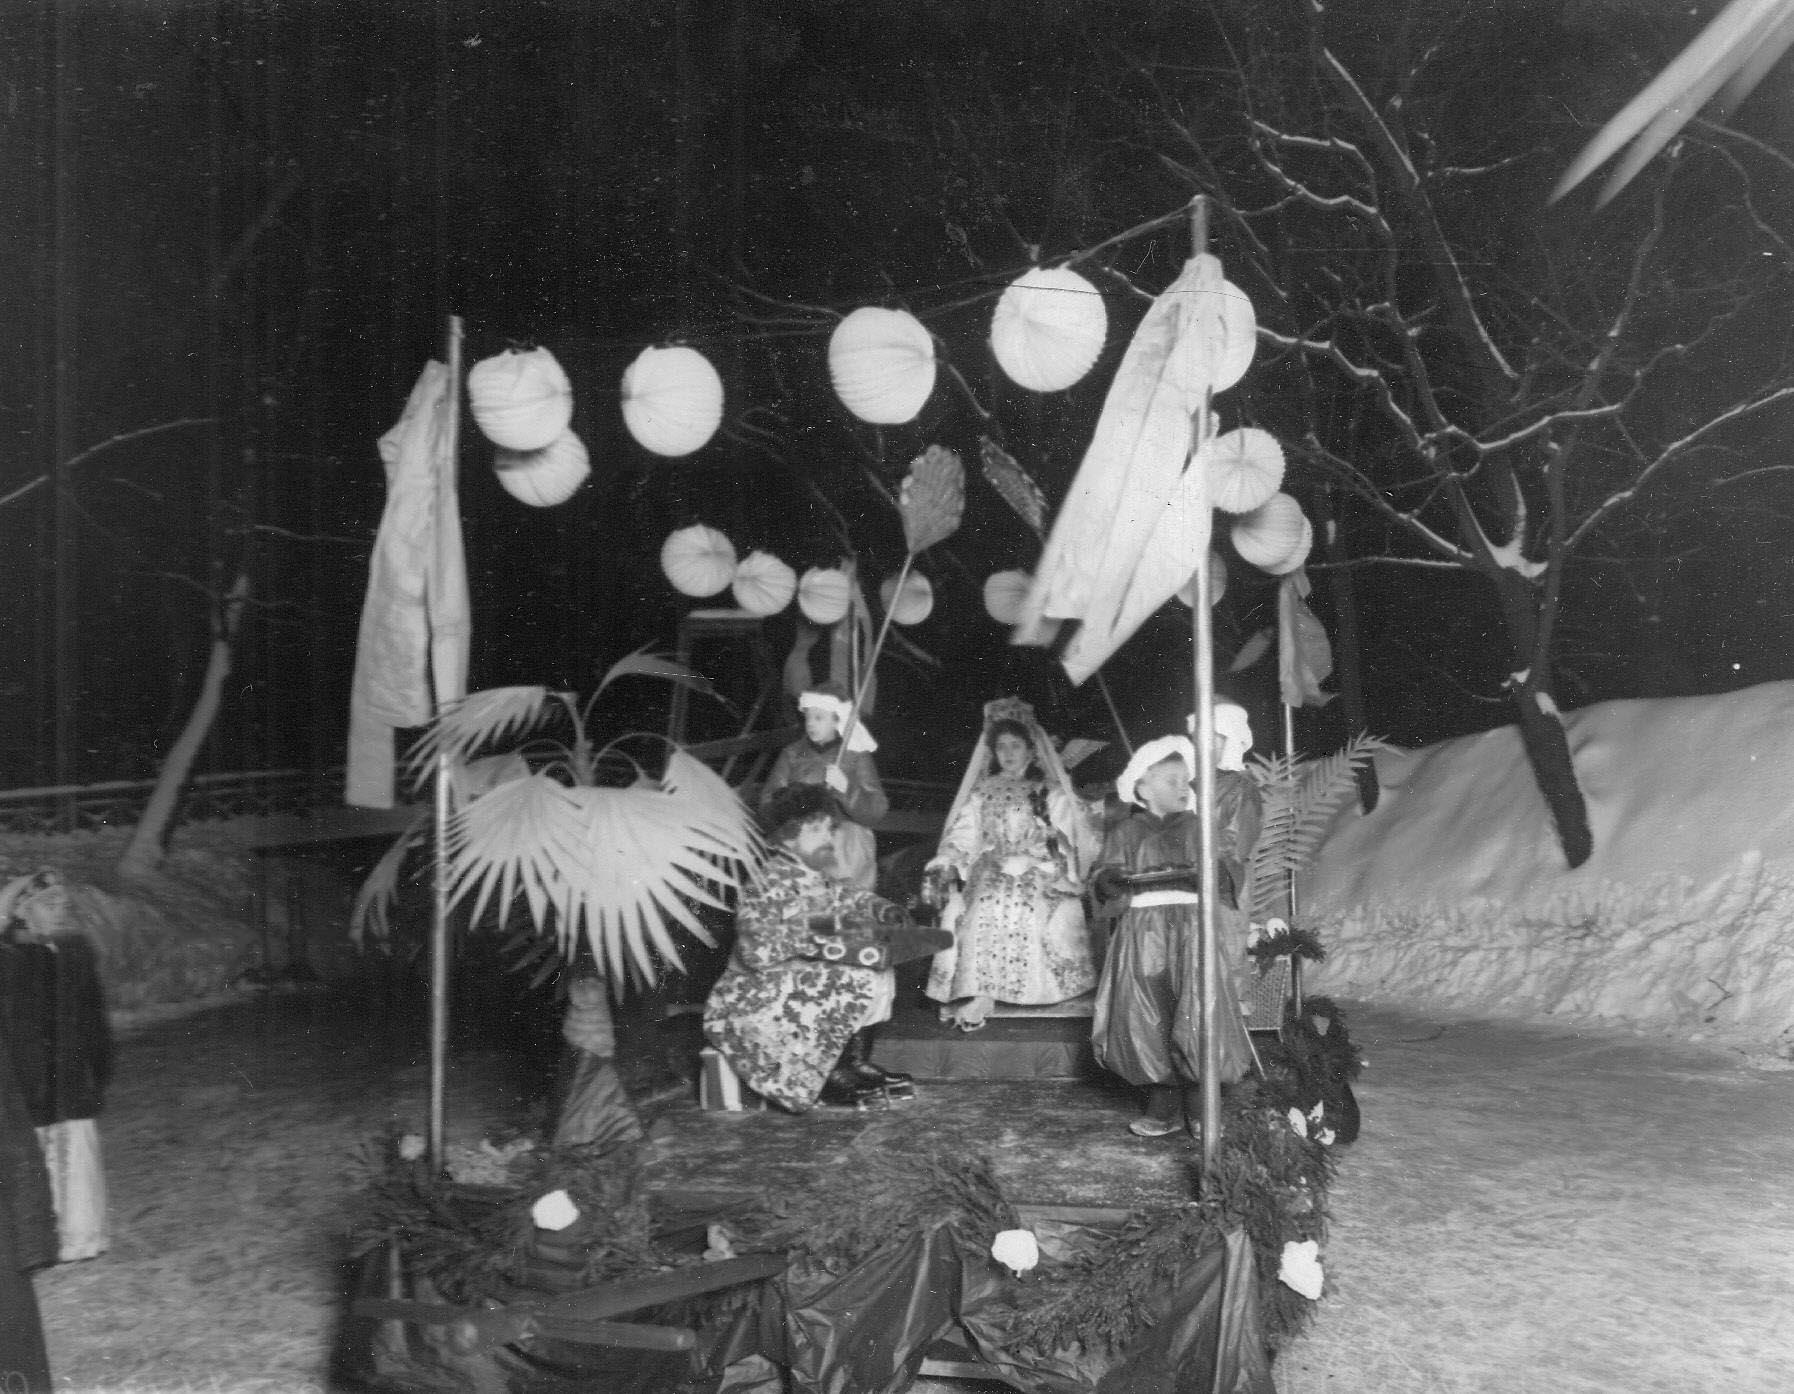 Группа участников карнавала в карнавальных костюмах